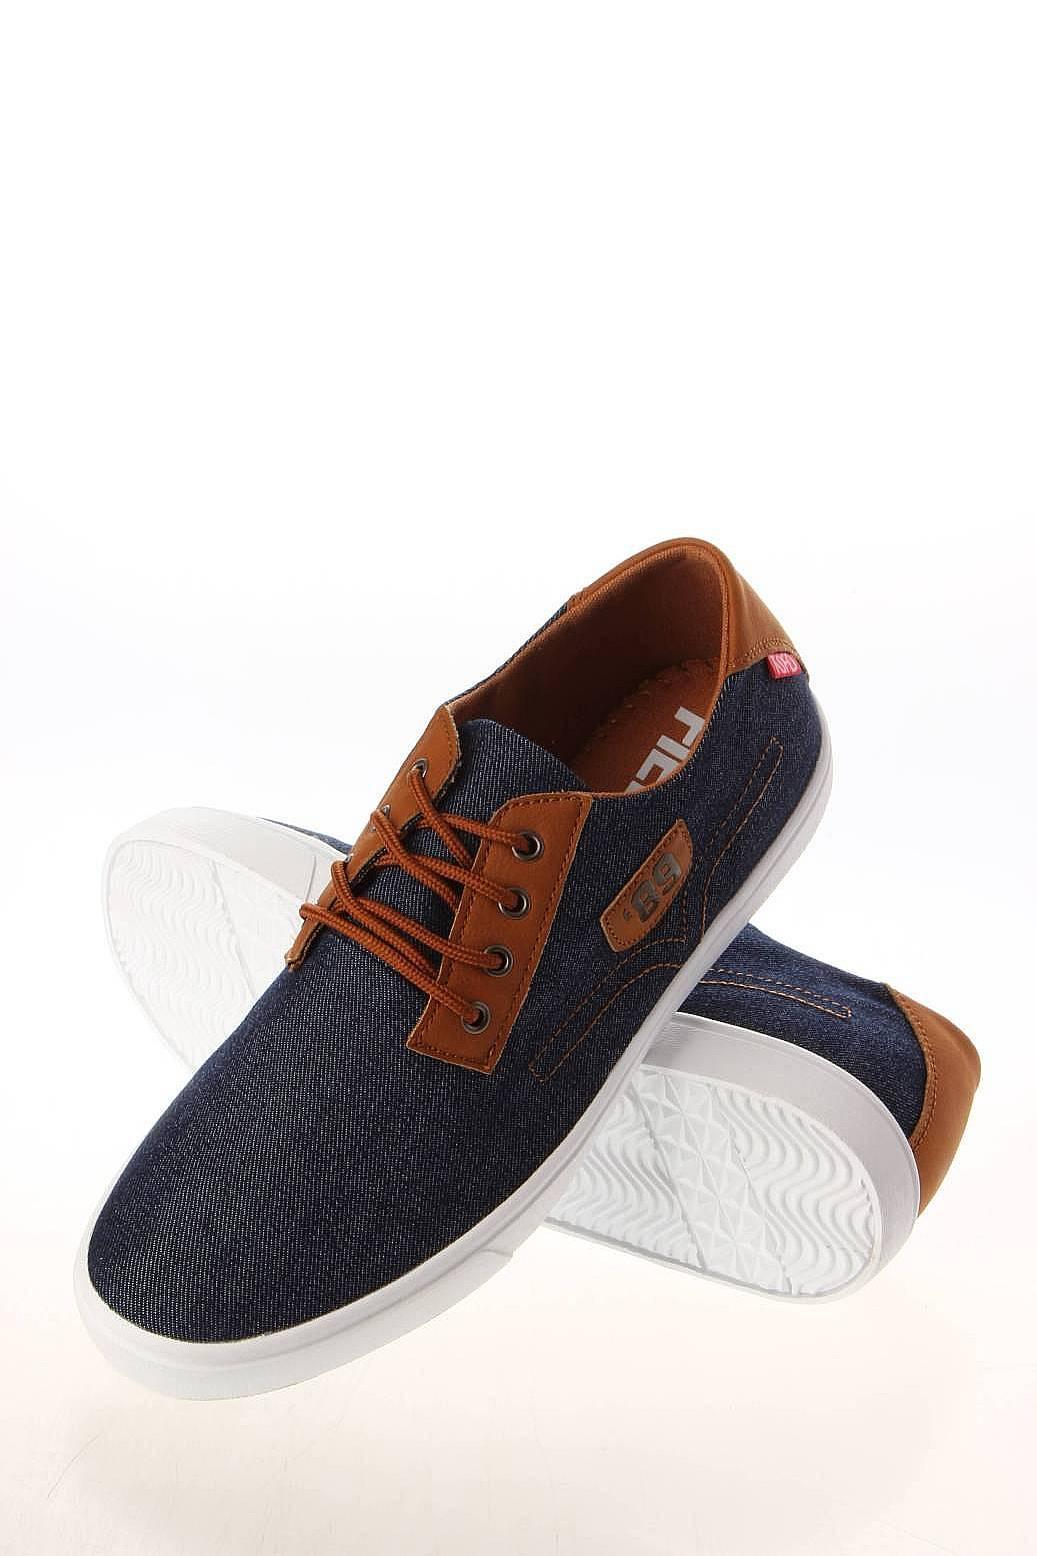 Мужская Обувь Кеды: TF-Torsion Field Обувь